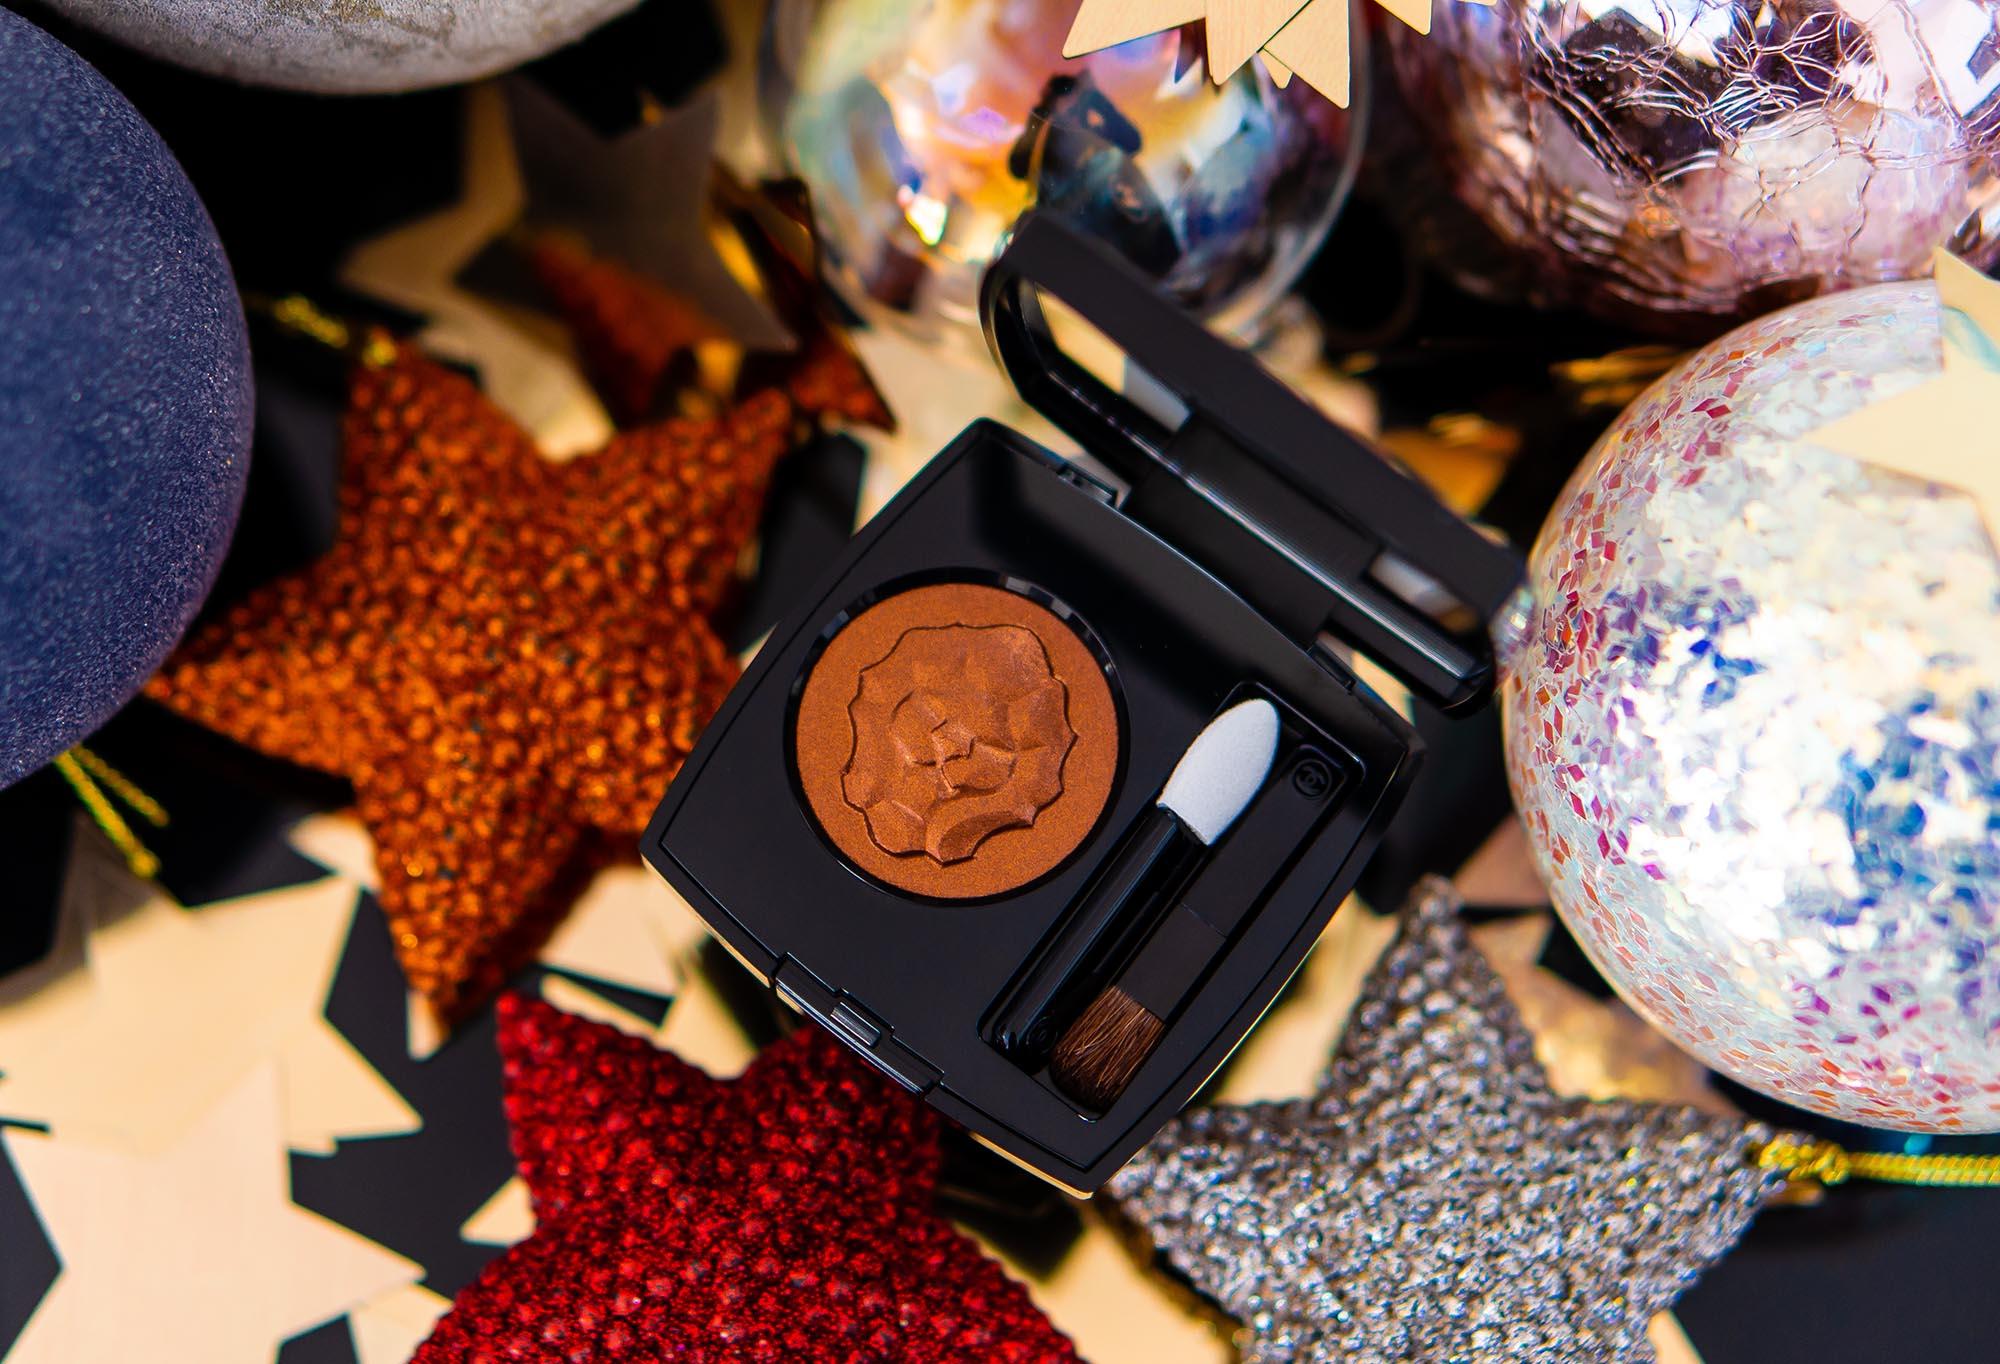 Goldene Löwe zu Weihnachten: Chanel Ombre Premiere Cuivre Lame Lidschatten